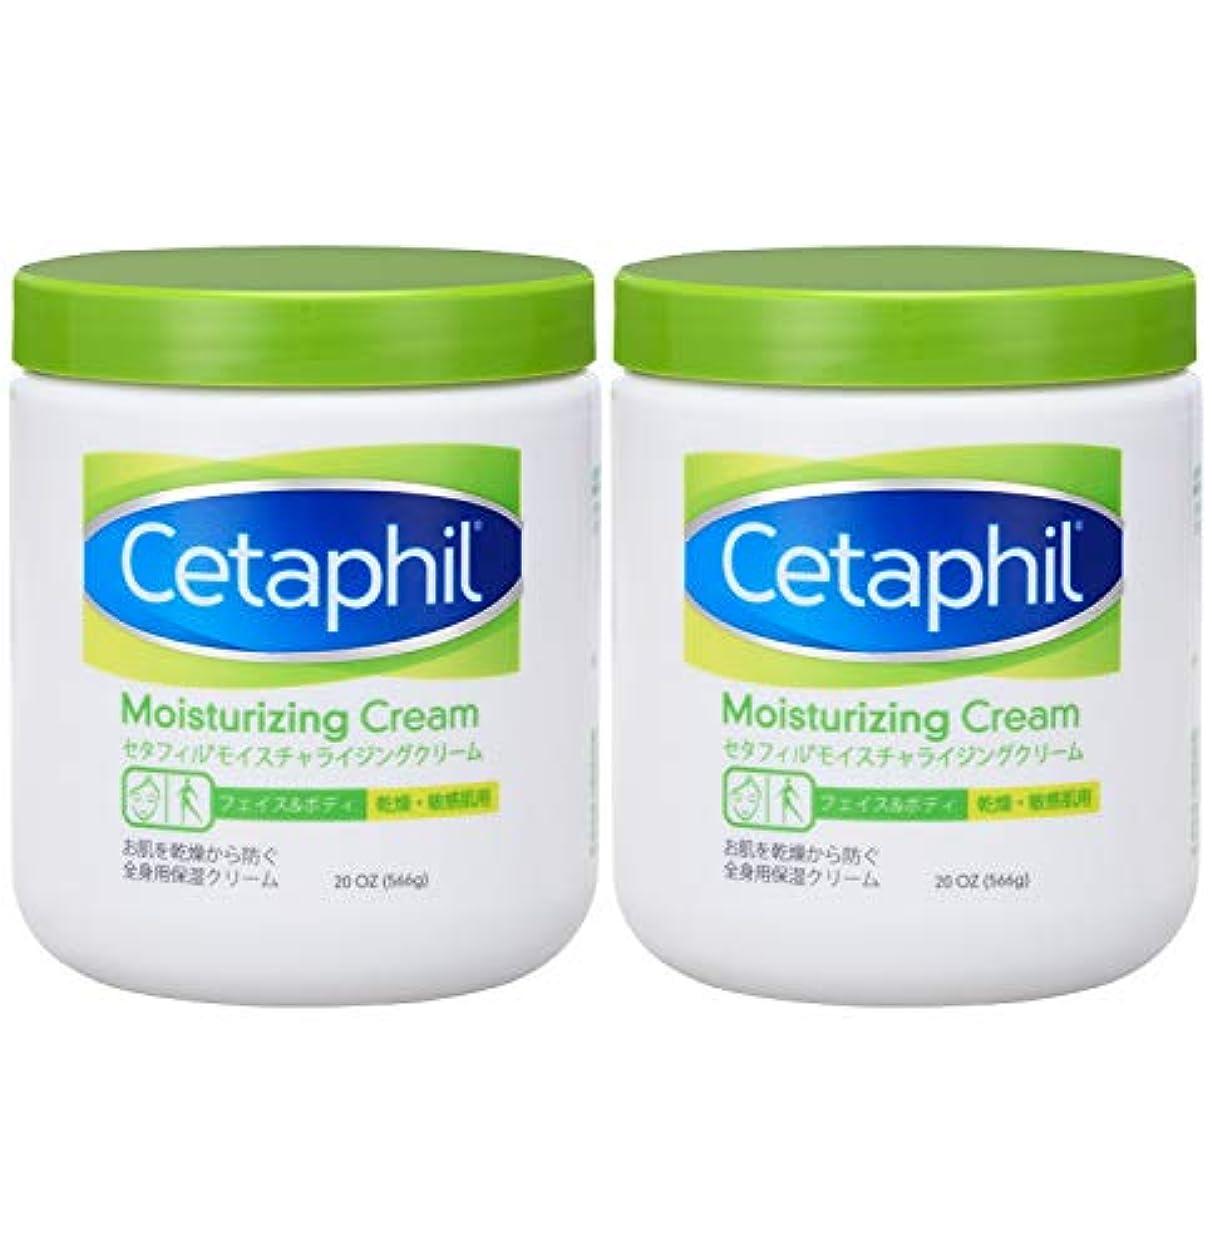 領収書キュービック研磨剤セタフィル Cetaphil ® モイスチャライジングクリーム 566ml 2本組 ( フェイス & ボディ 保湿クリーム クリーム )